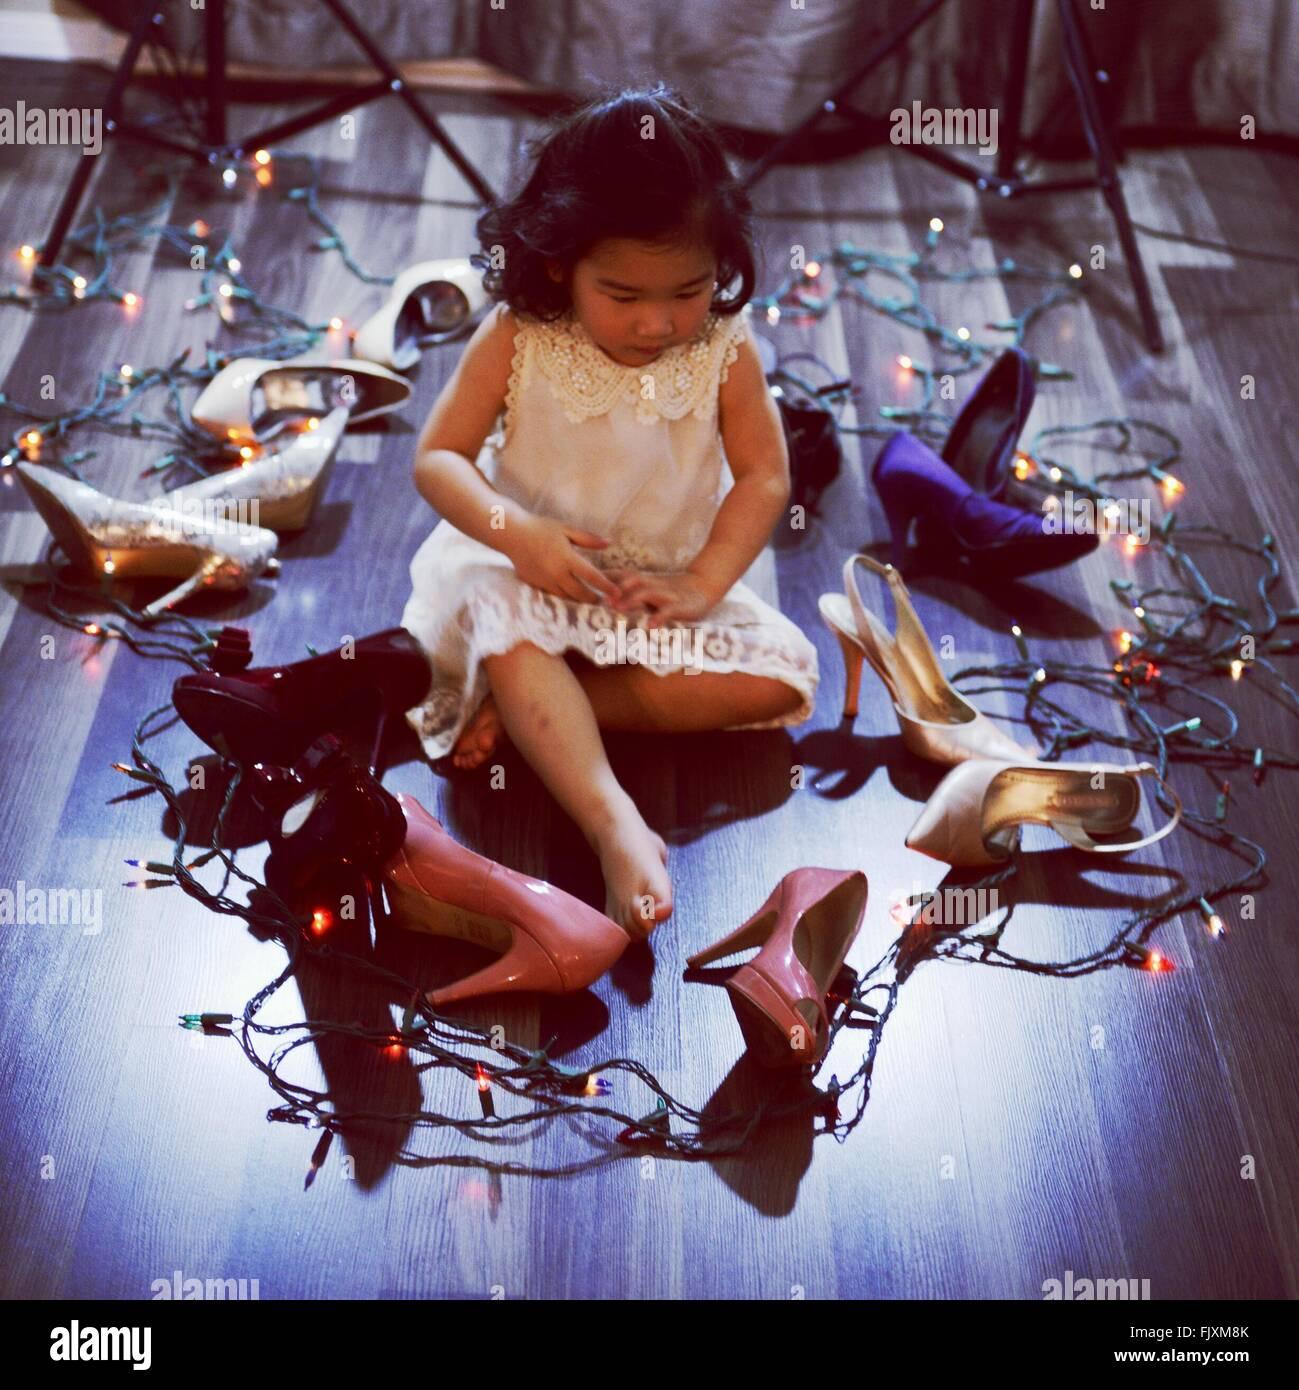 Fille assise au milieu des talons hauts et les lumières de Noël sur plancher de bois franc Photo Stock